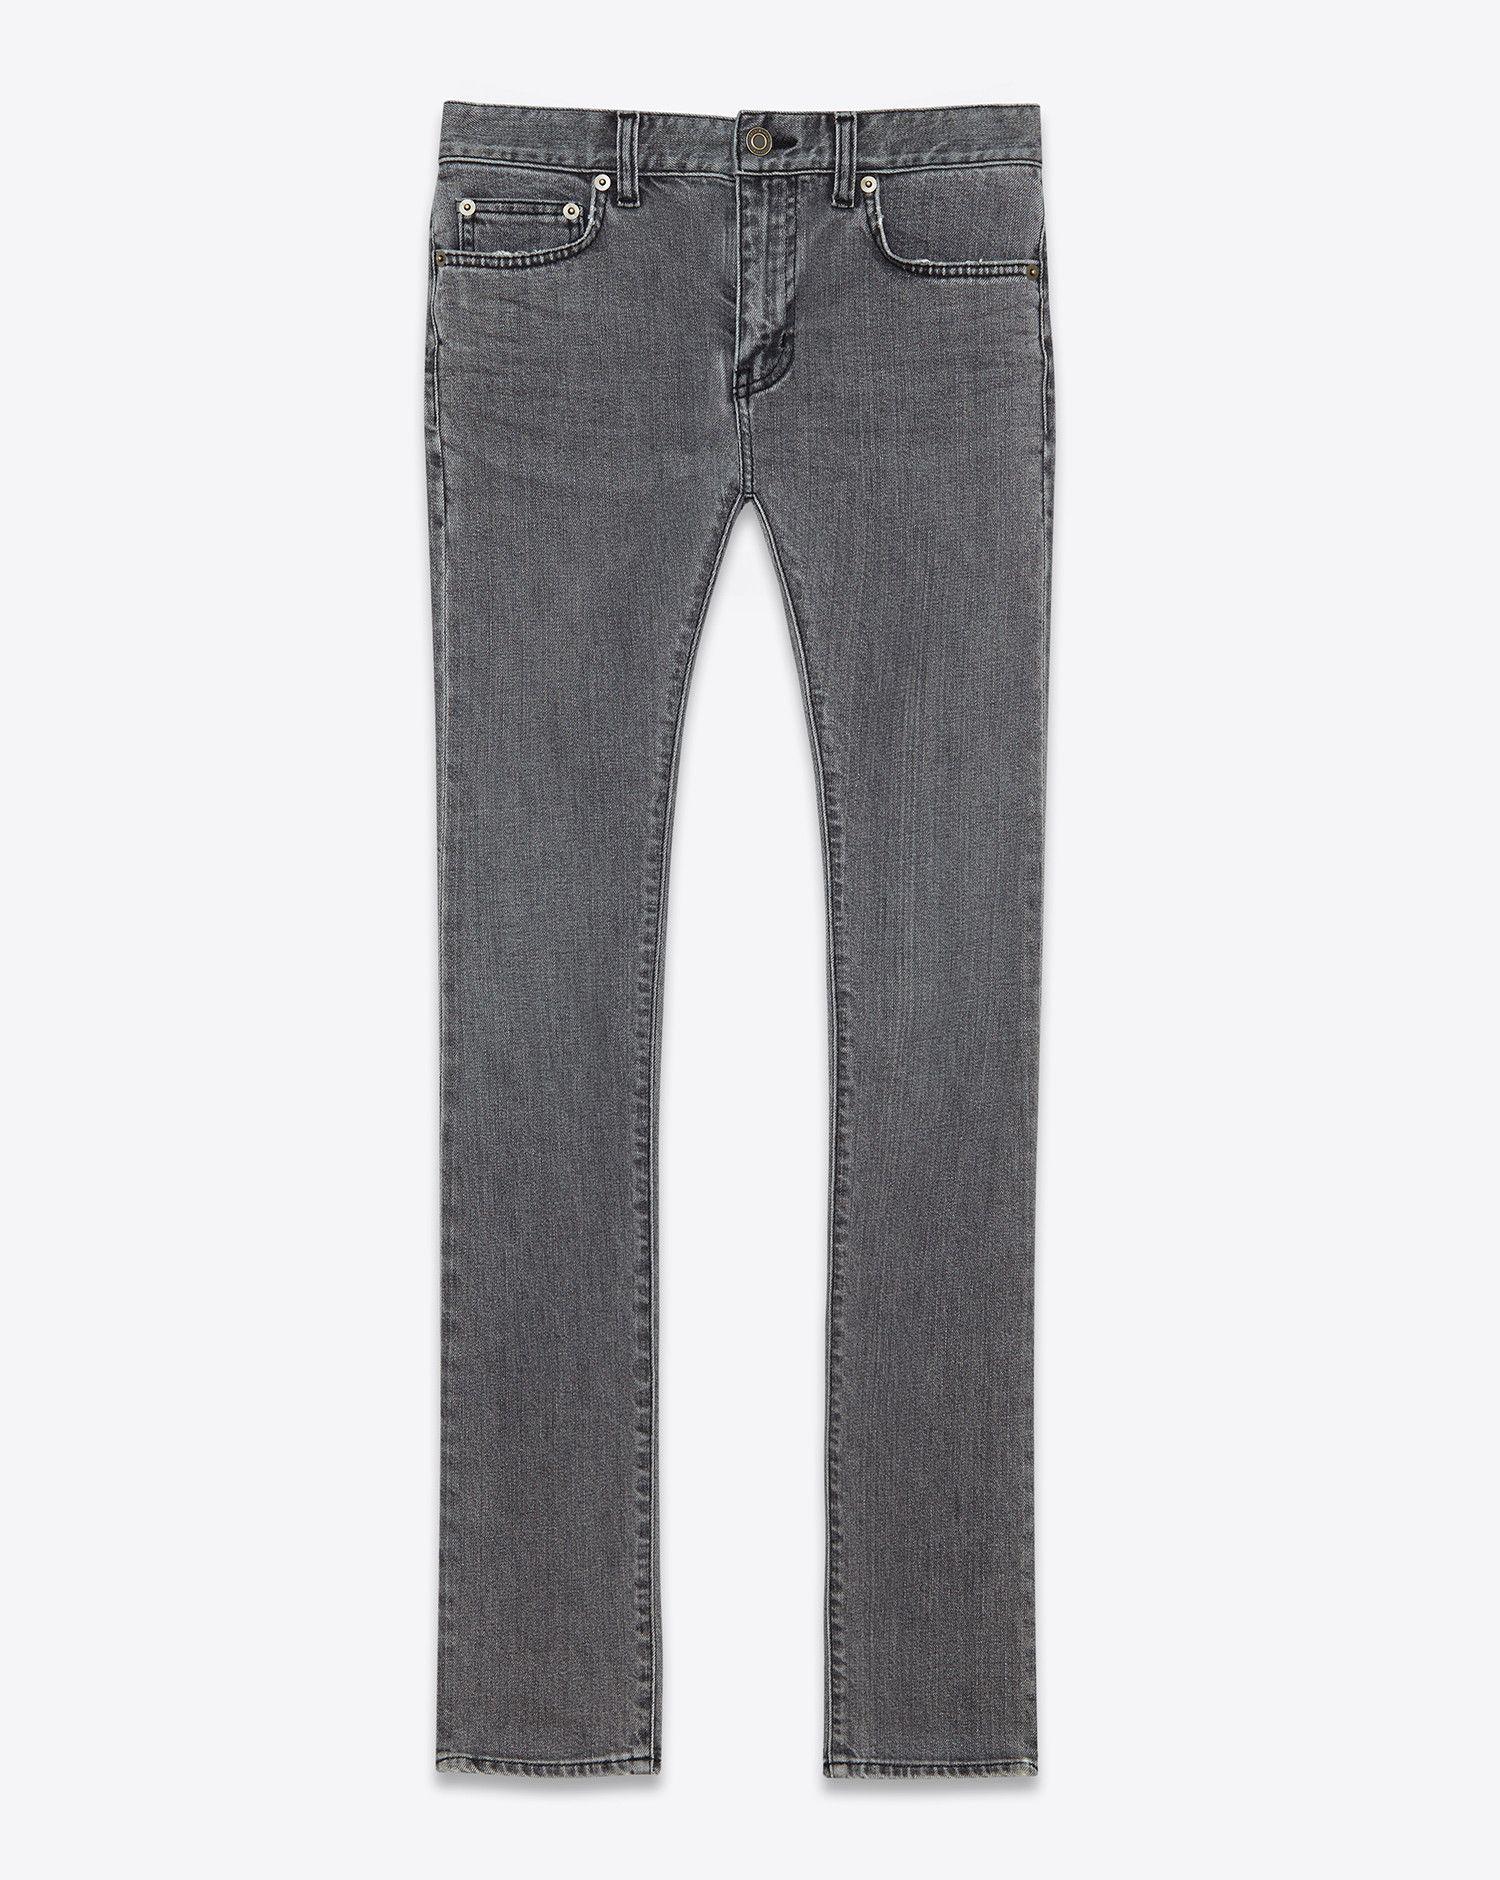 7438cb747c07 Jeans · Saint Laurent JEAN Skinny À TAILLE BASSE En Denim Strech Délavé Gris  ...